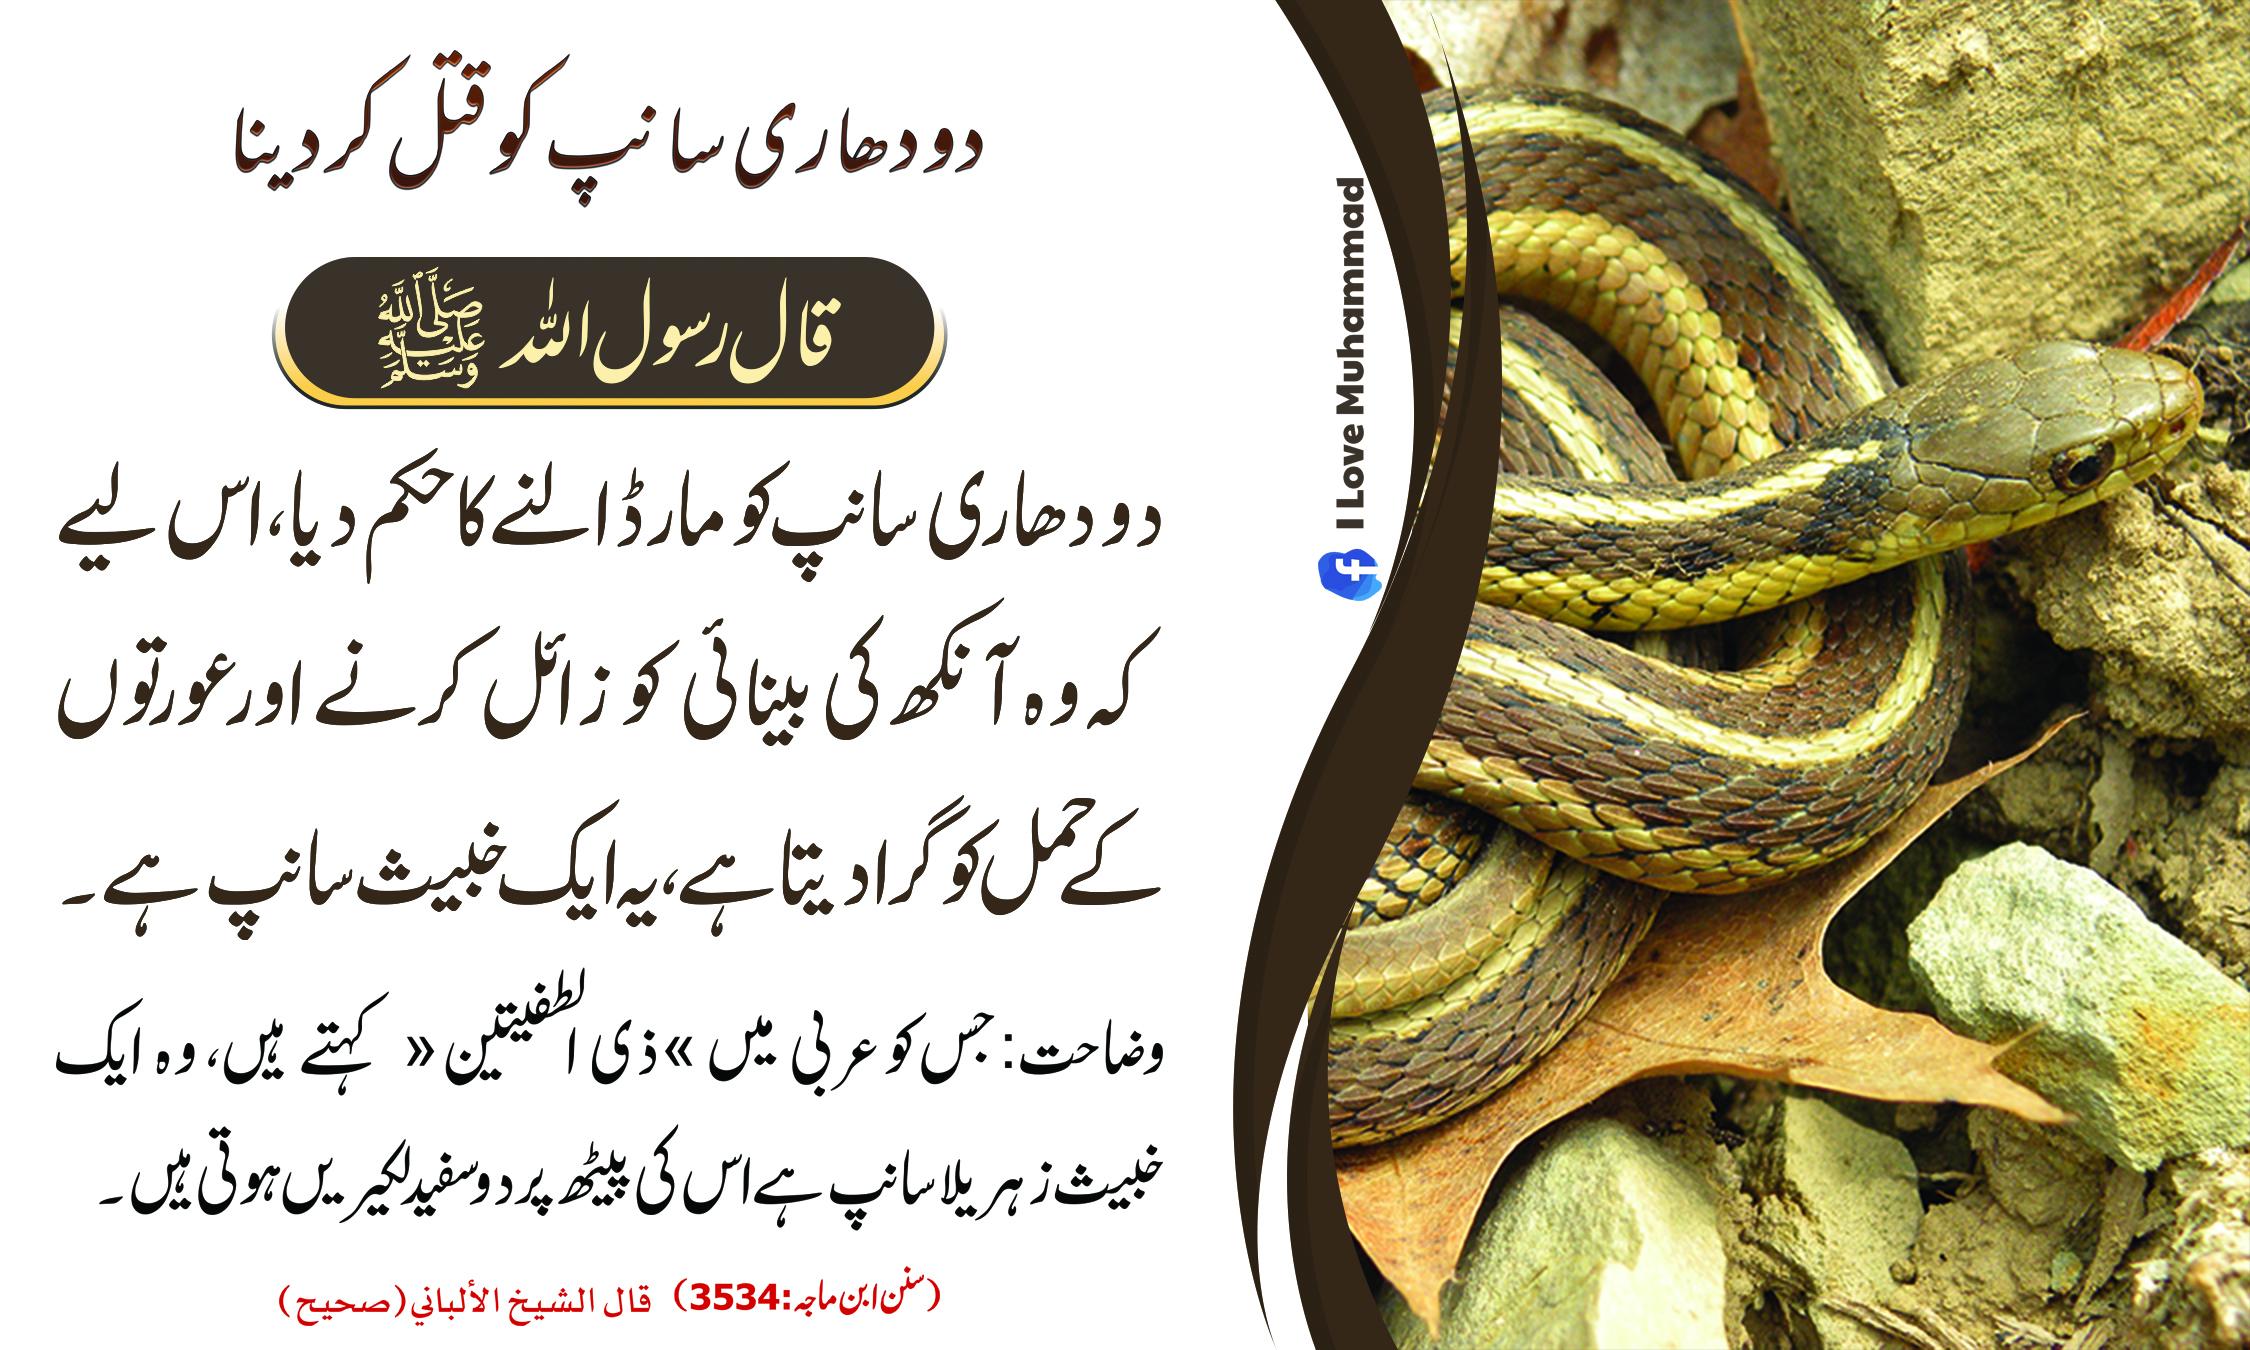 دو دھاری سانپ کو قتل کر دینا JPG.jpg